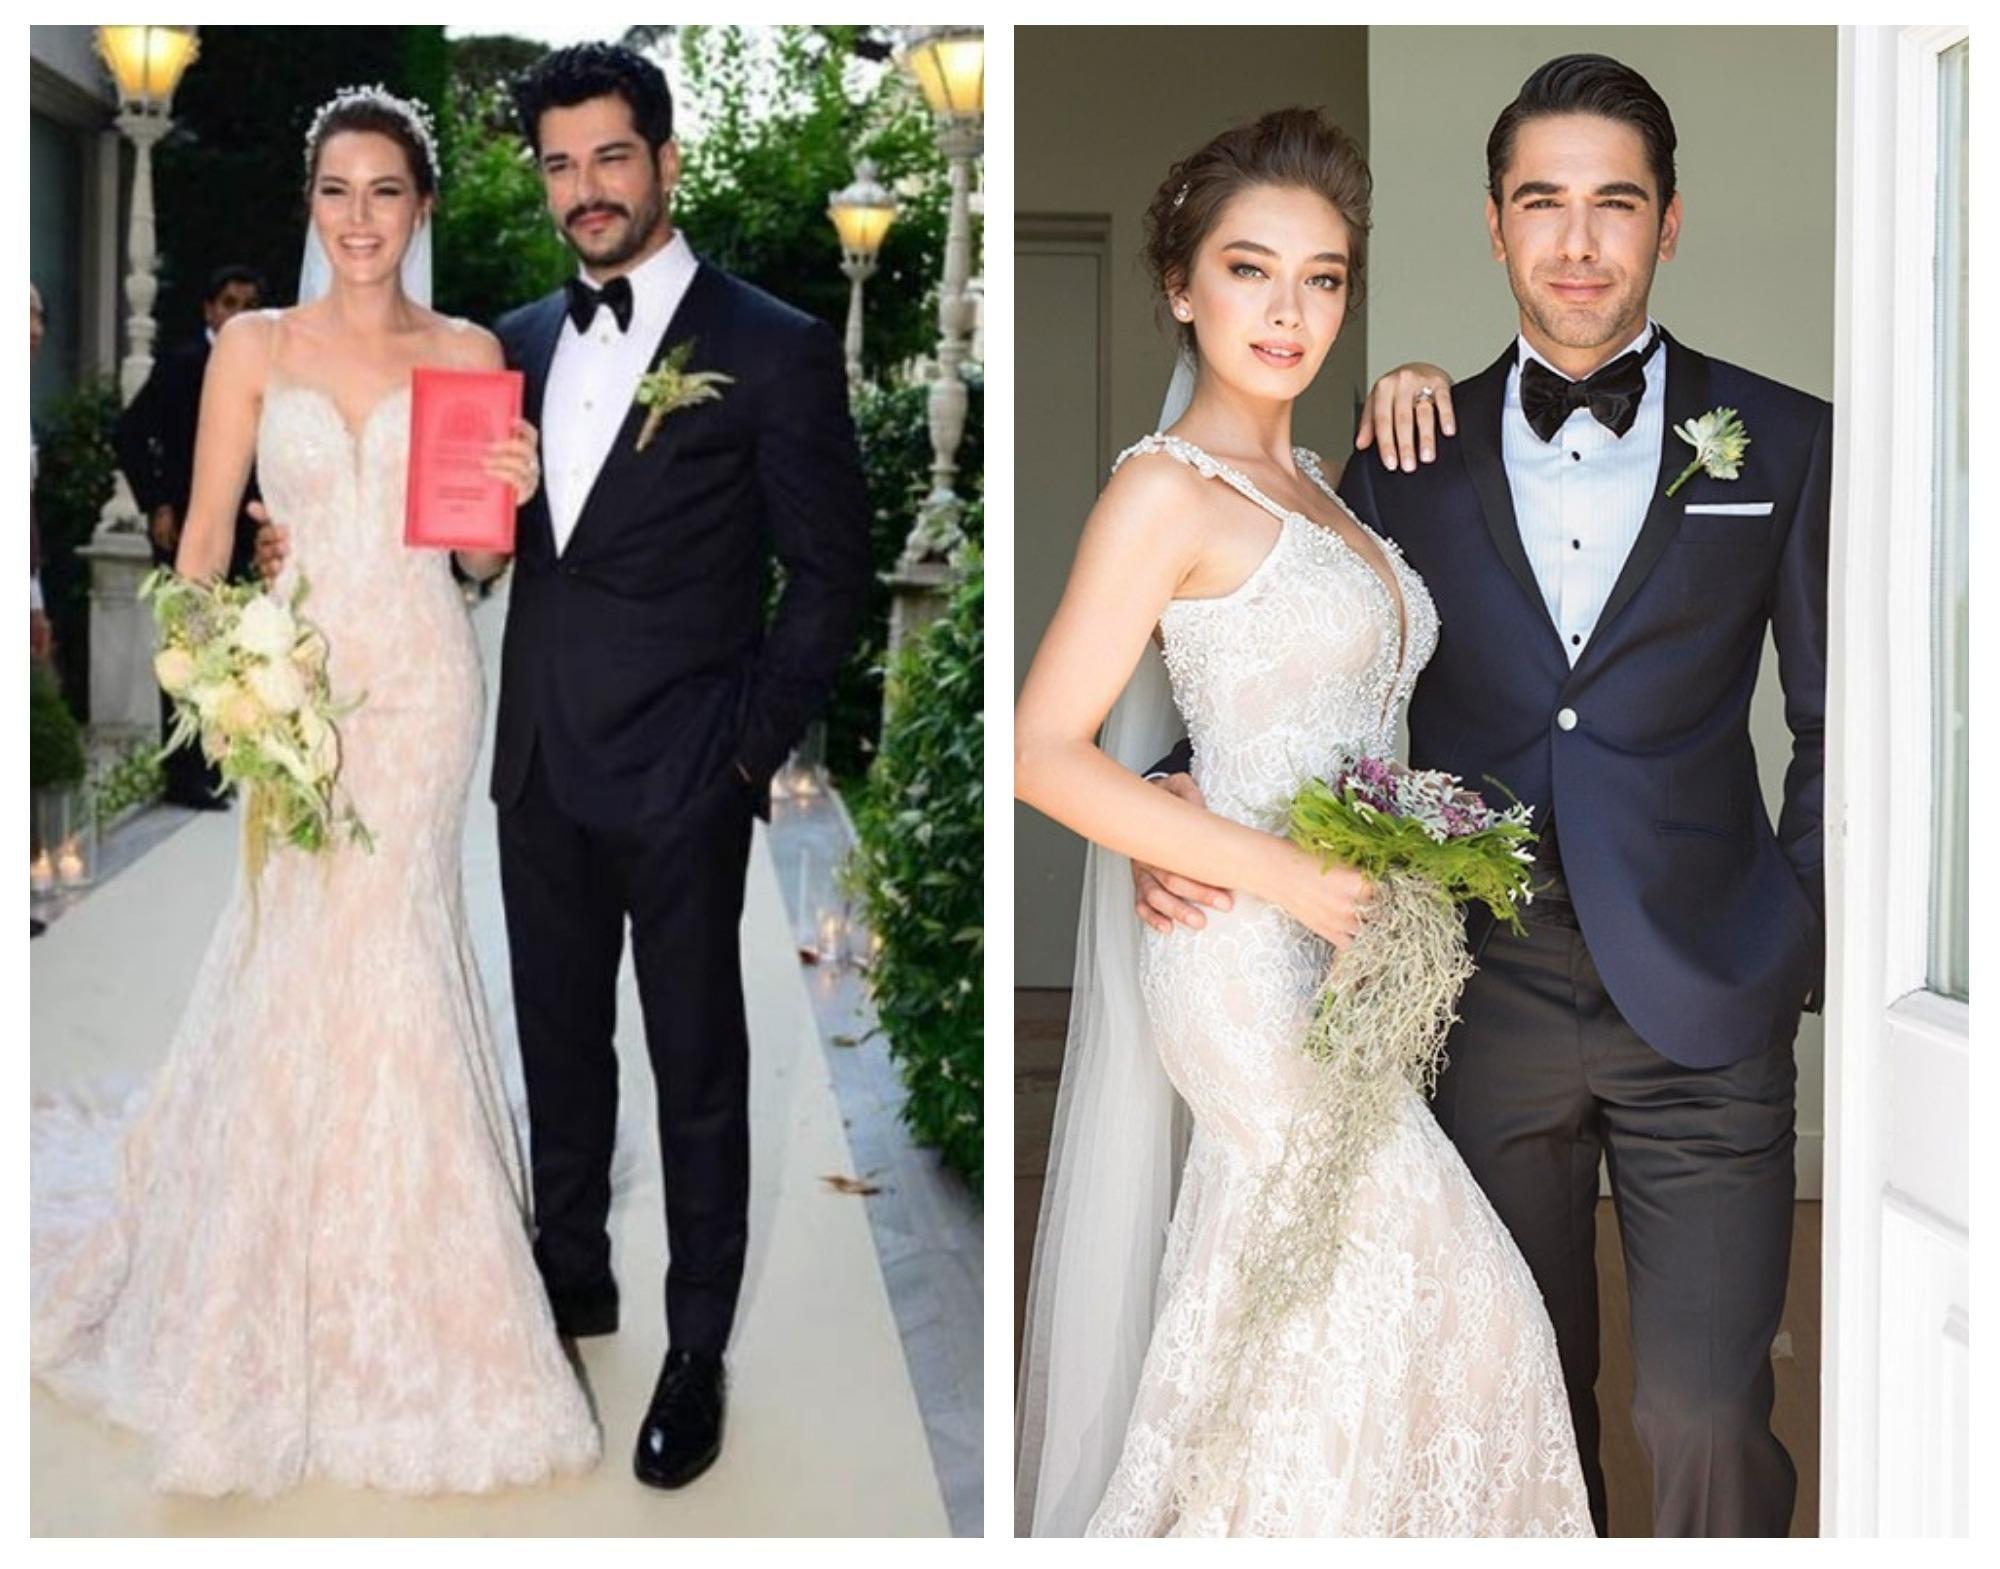 Скандальное свадебное платье Фахрии Эвджен вновь в центре внимания турецких СМИ – ФОТО